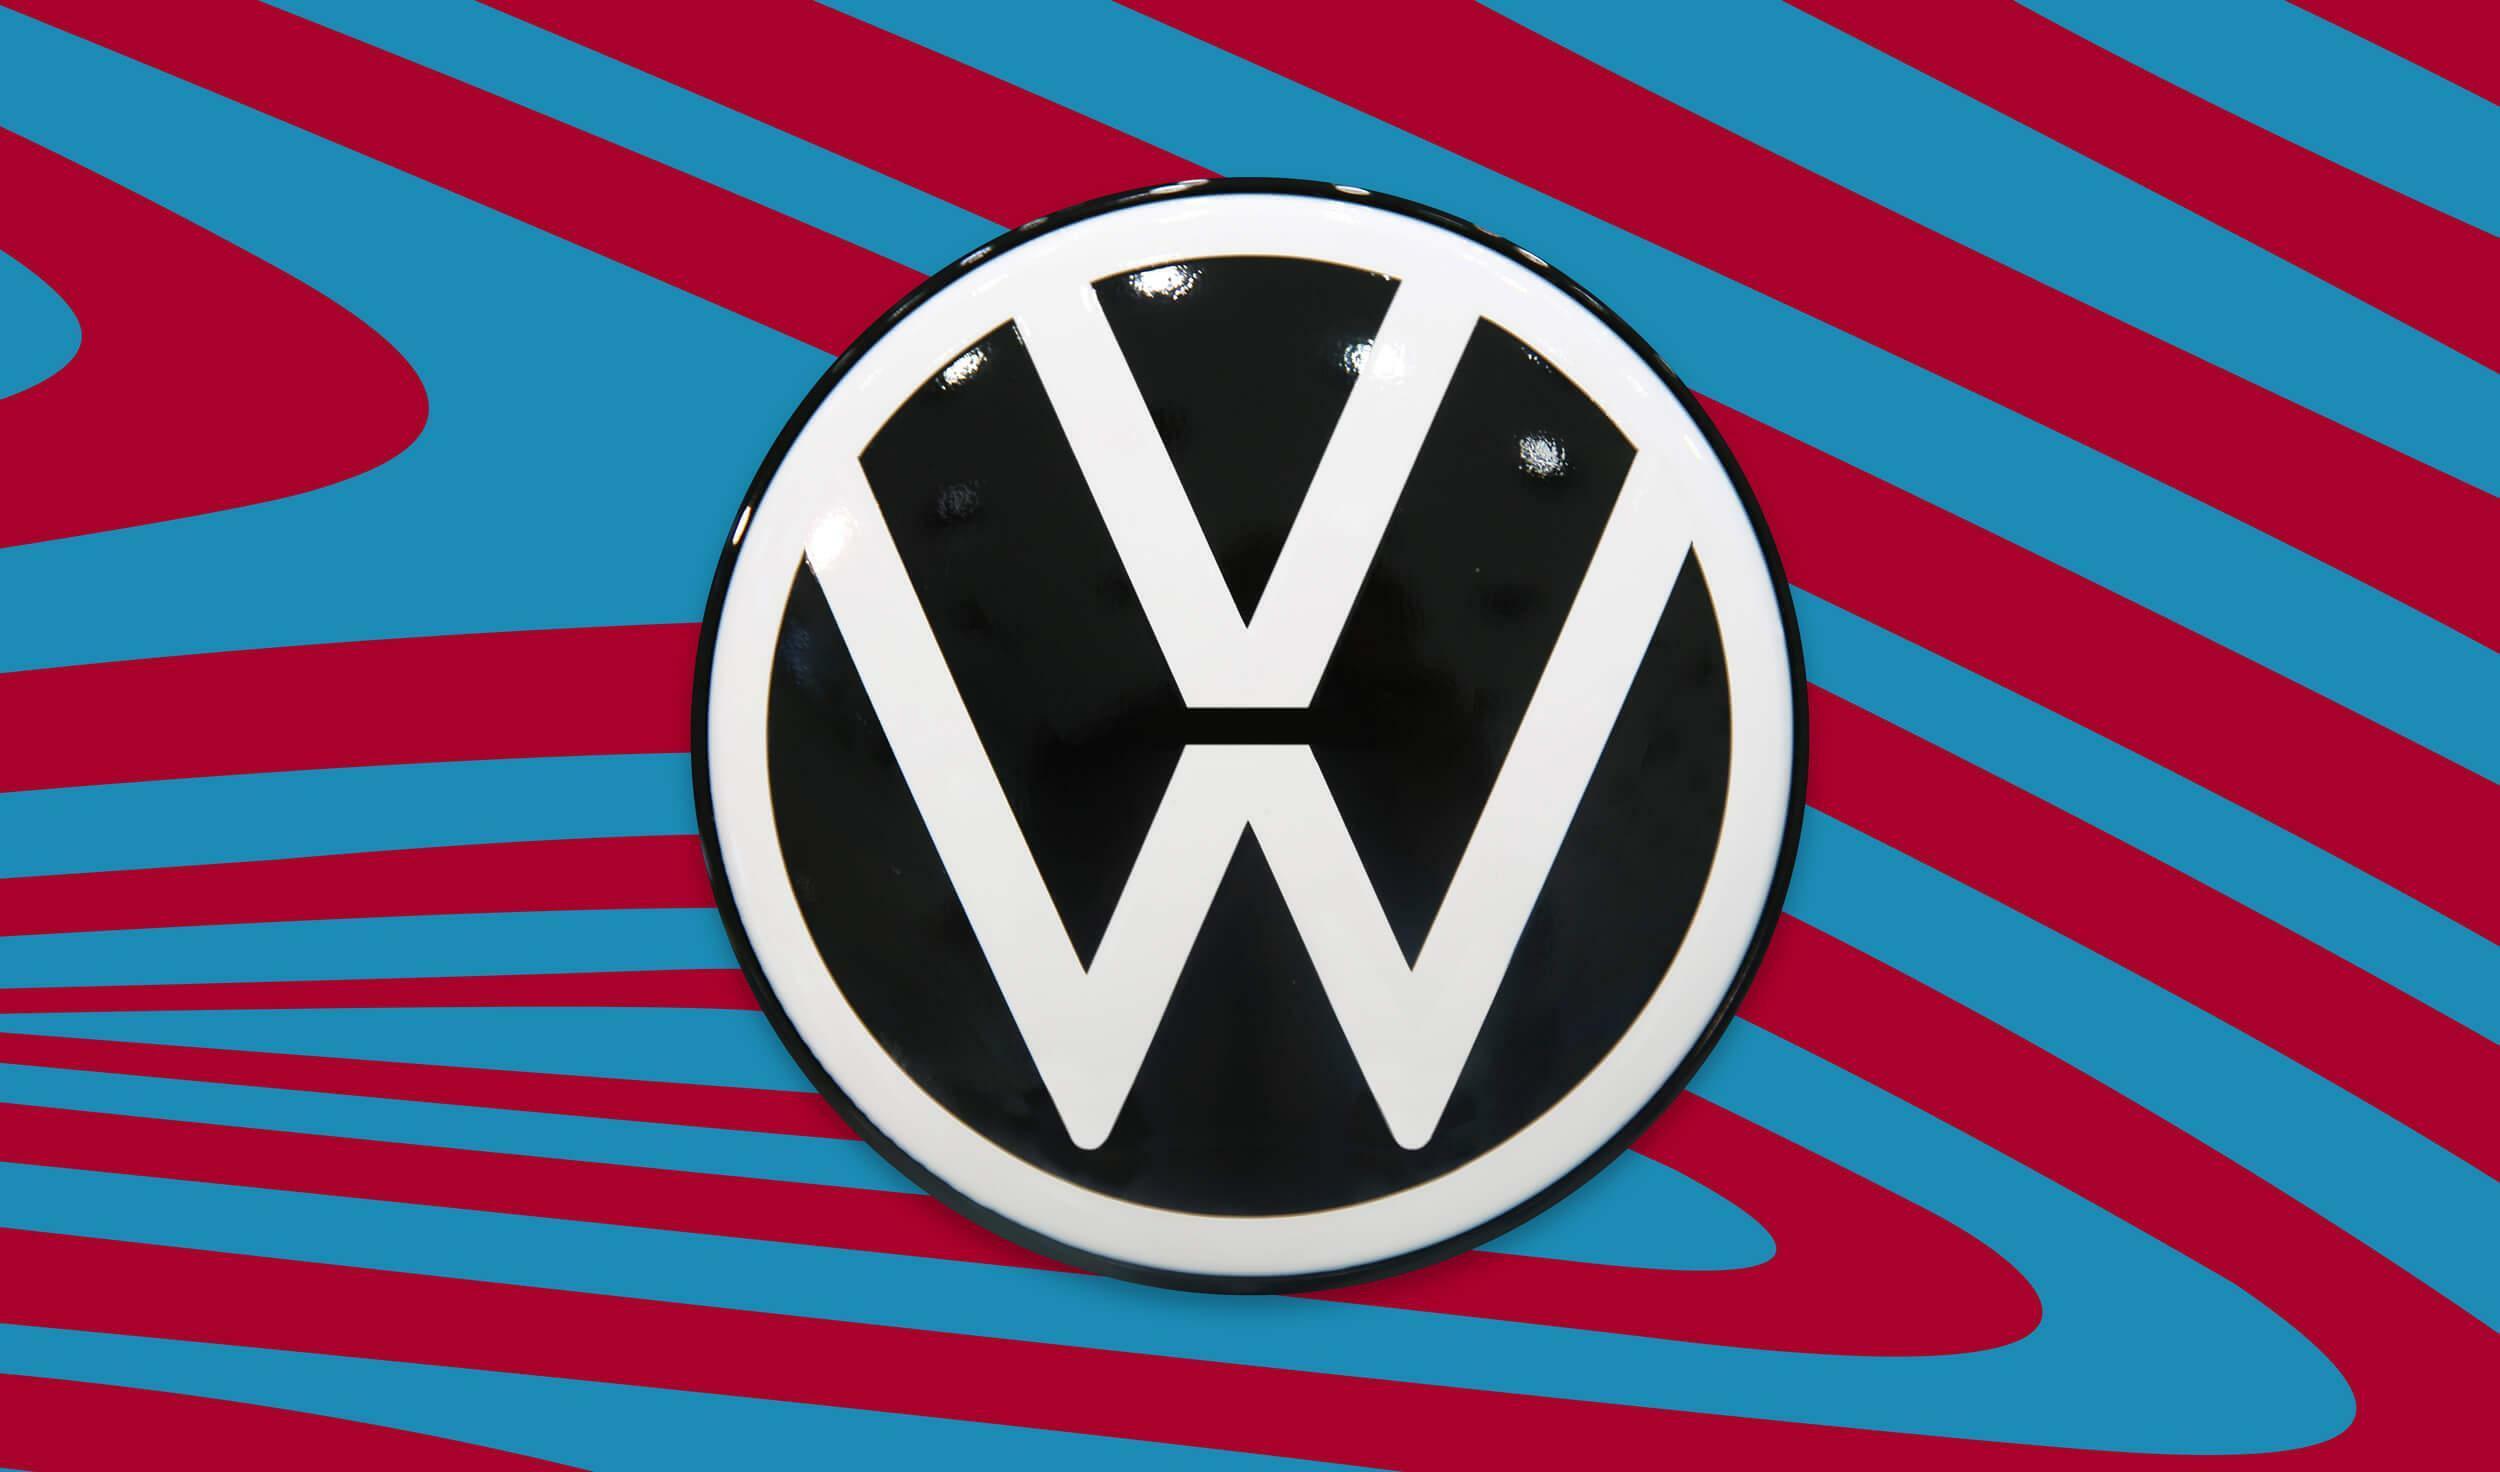 Die finale Version des neuen VW-Logos steht fest